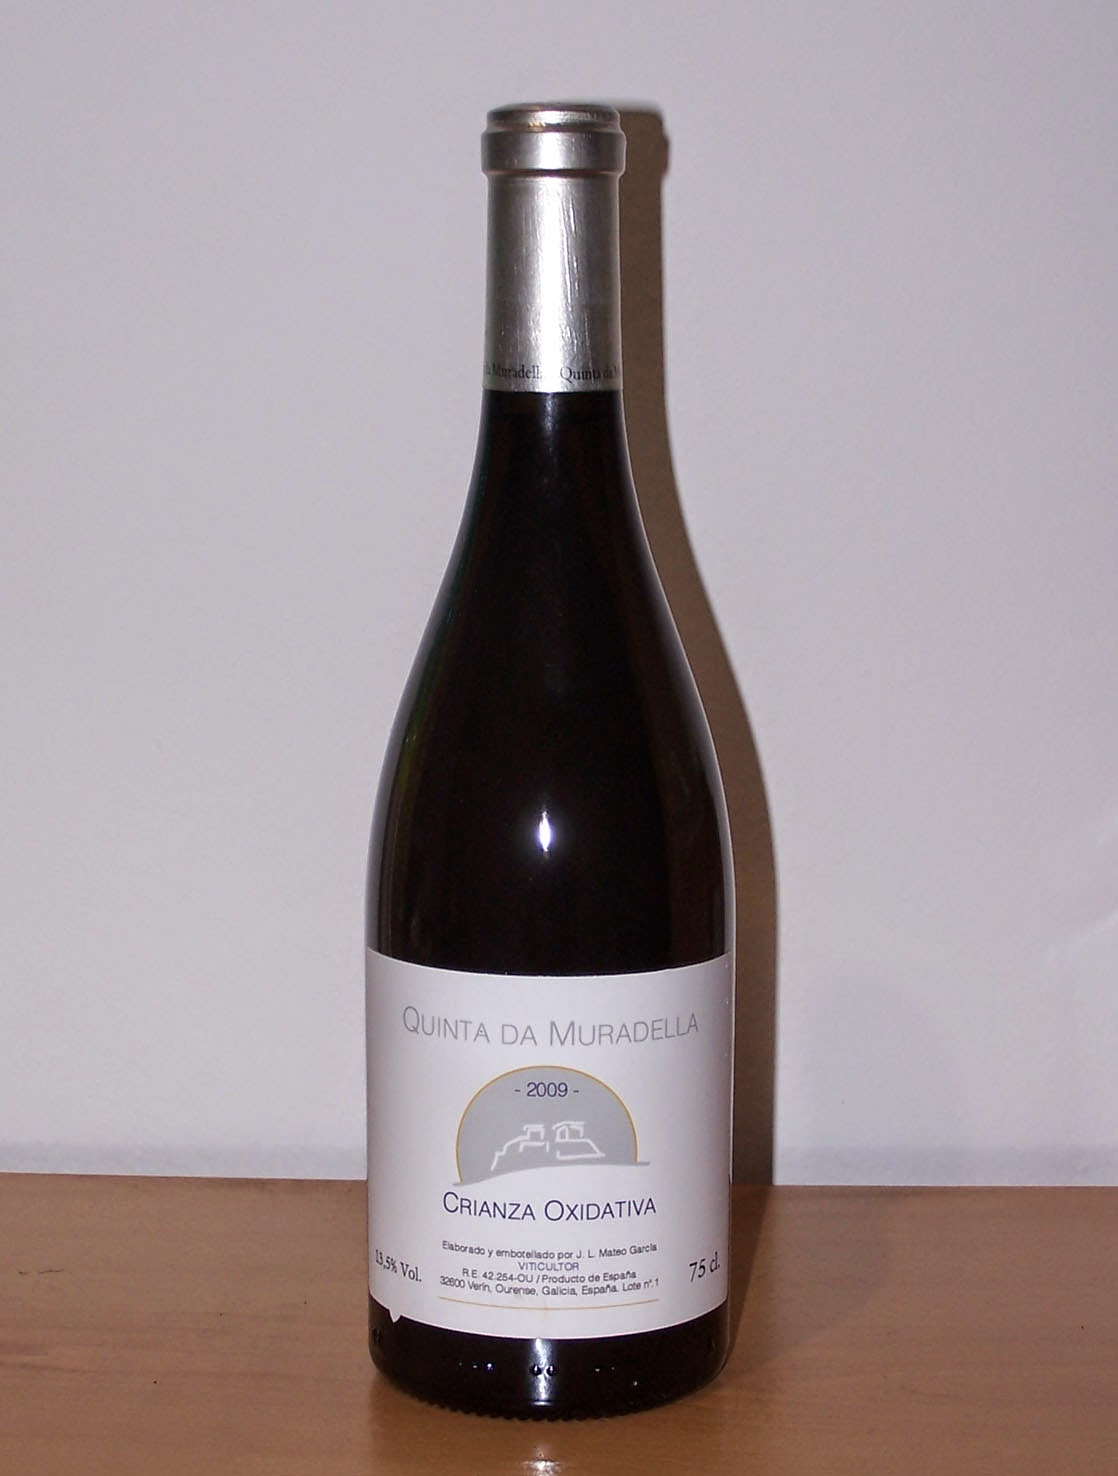 Quinta da Muradella Crianza Oxidativa 2009, Vino de mesa